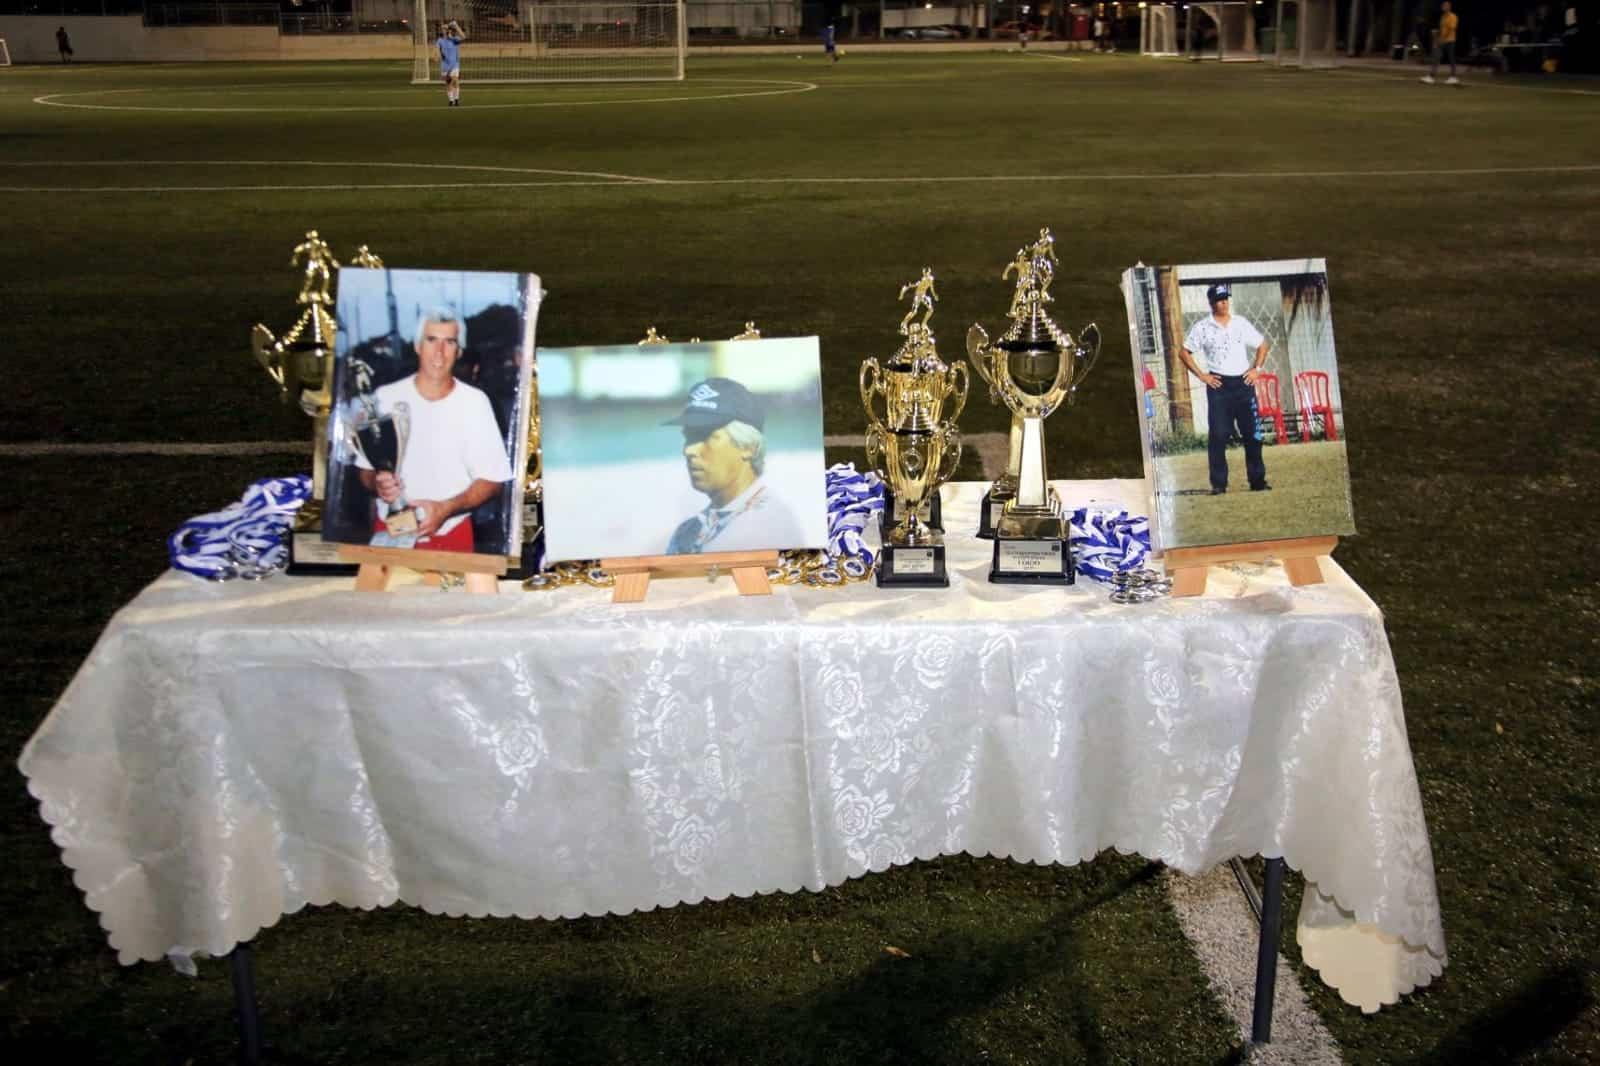 התוצאה היא משנית, צילום: העמותה לקידום הספורט